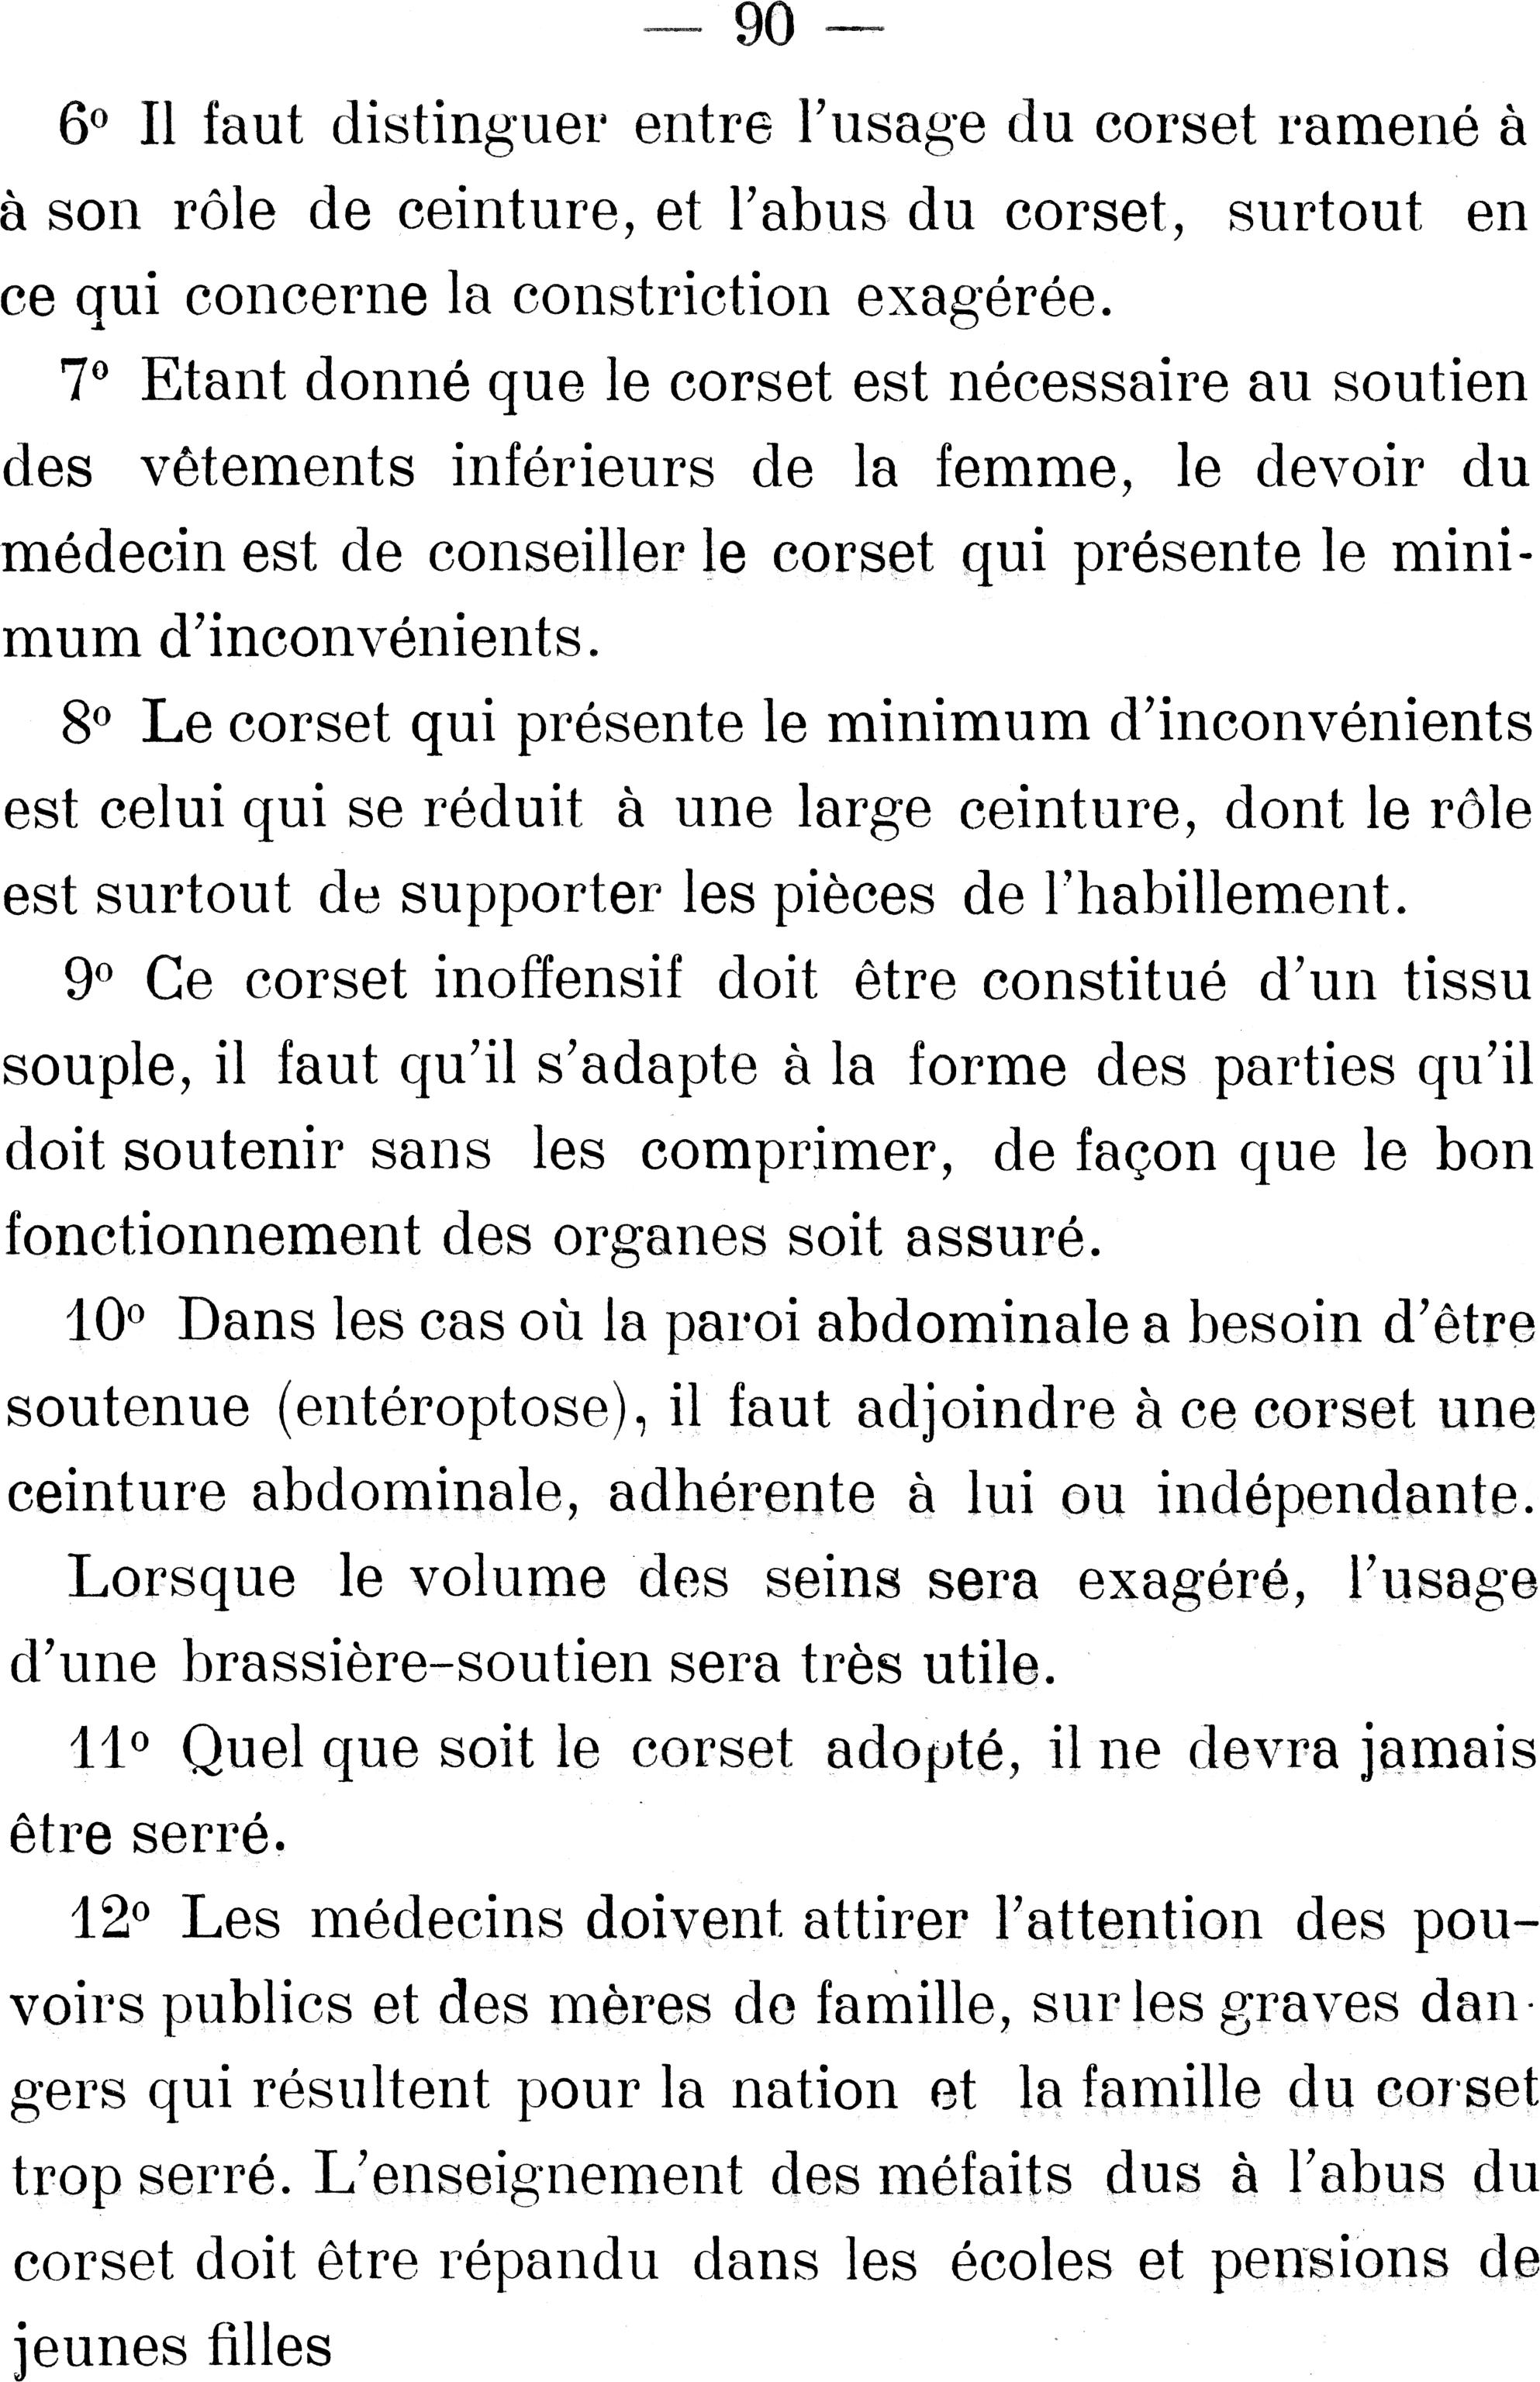 Rencontres Gay Lorient Sexe Jeune Gay